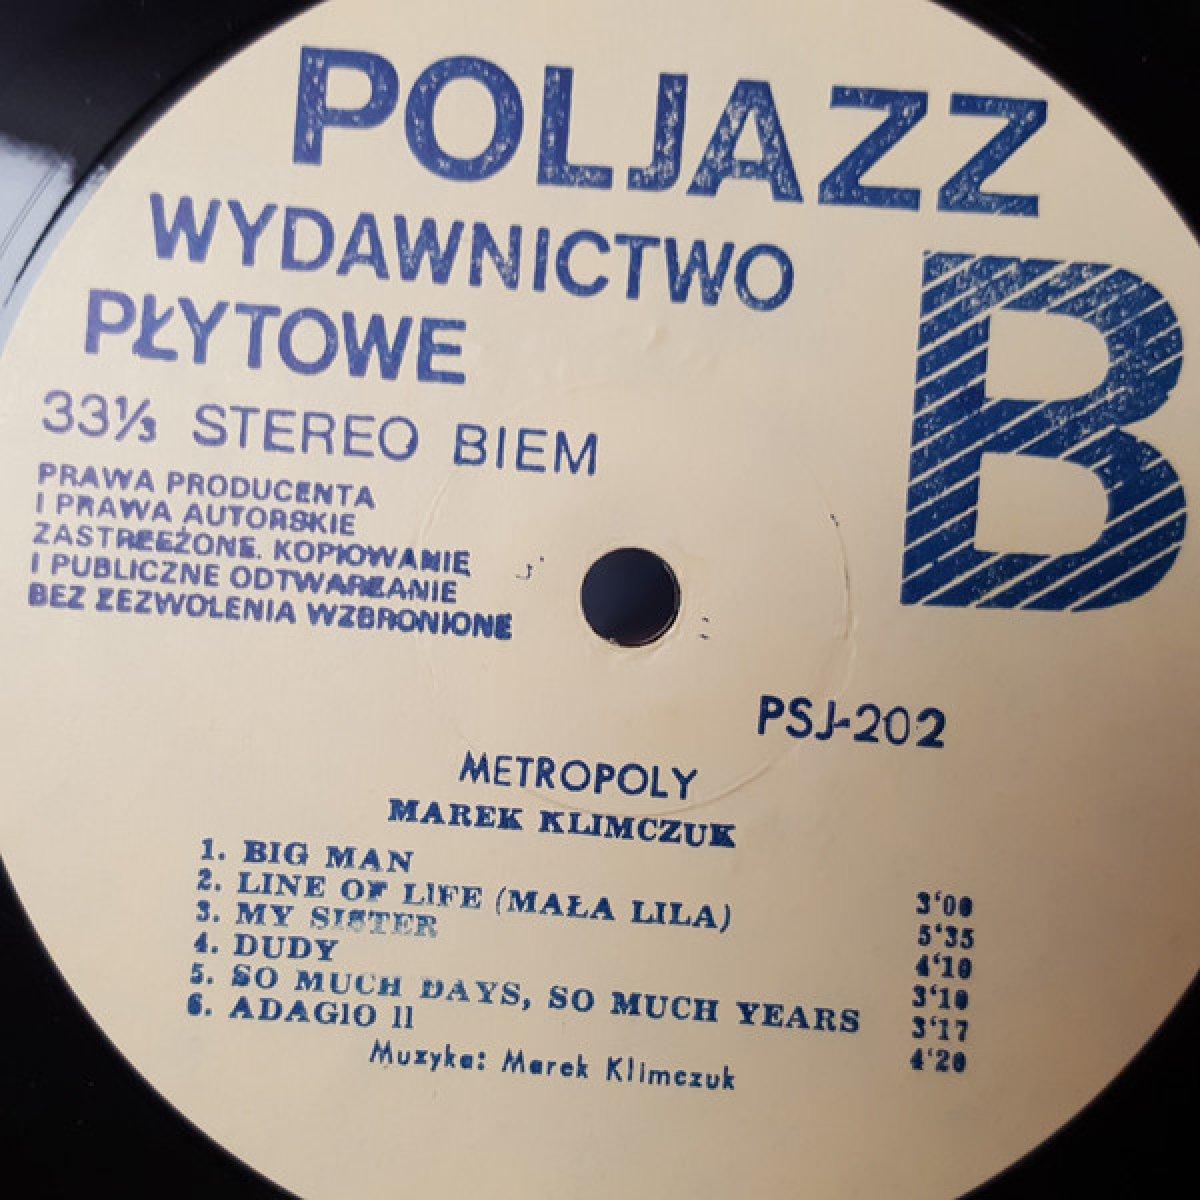 Marek Klimczuk – Metropoly (Klimczuk, Urbaniak, Ścierański, Chojnacki, Andrzejewska)